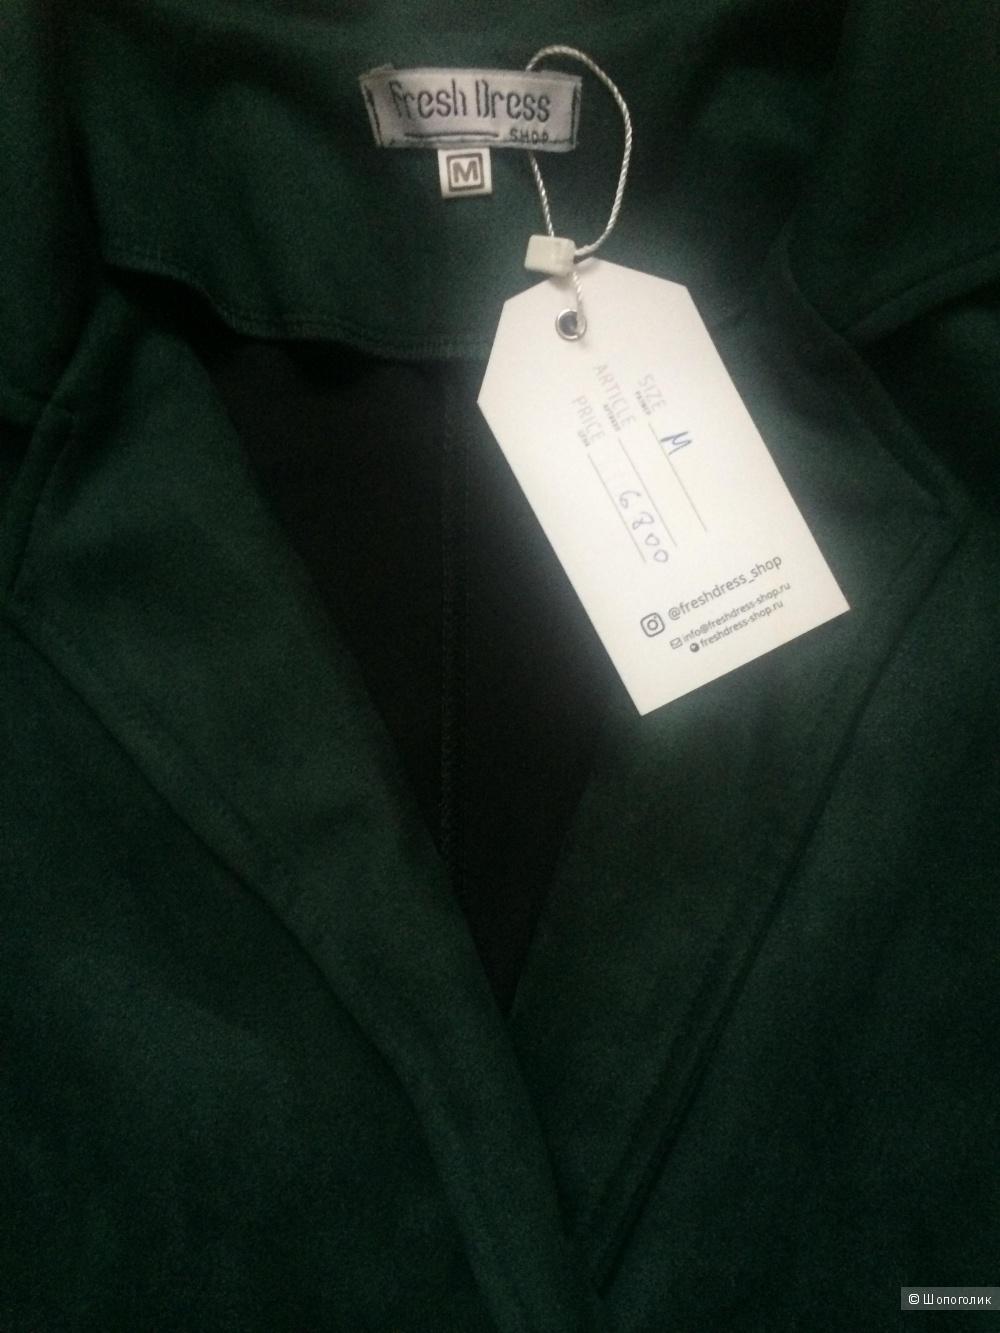 Замшевый комбинезон Fresh Dress Shop, М, на 44, 46 размеры